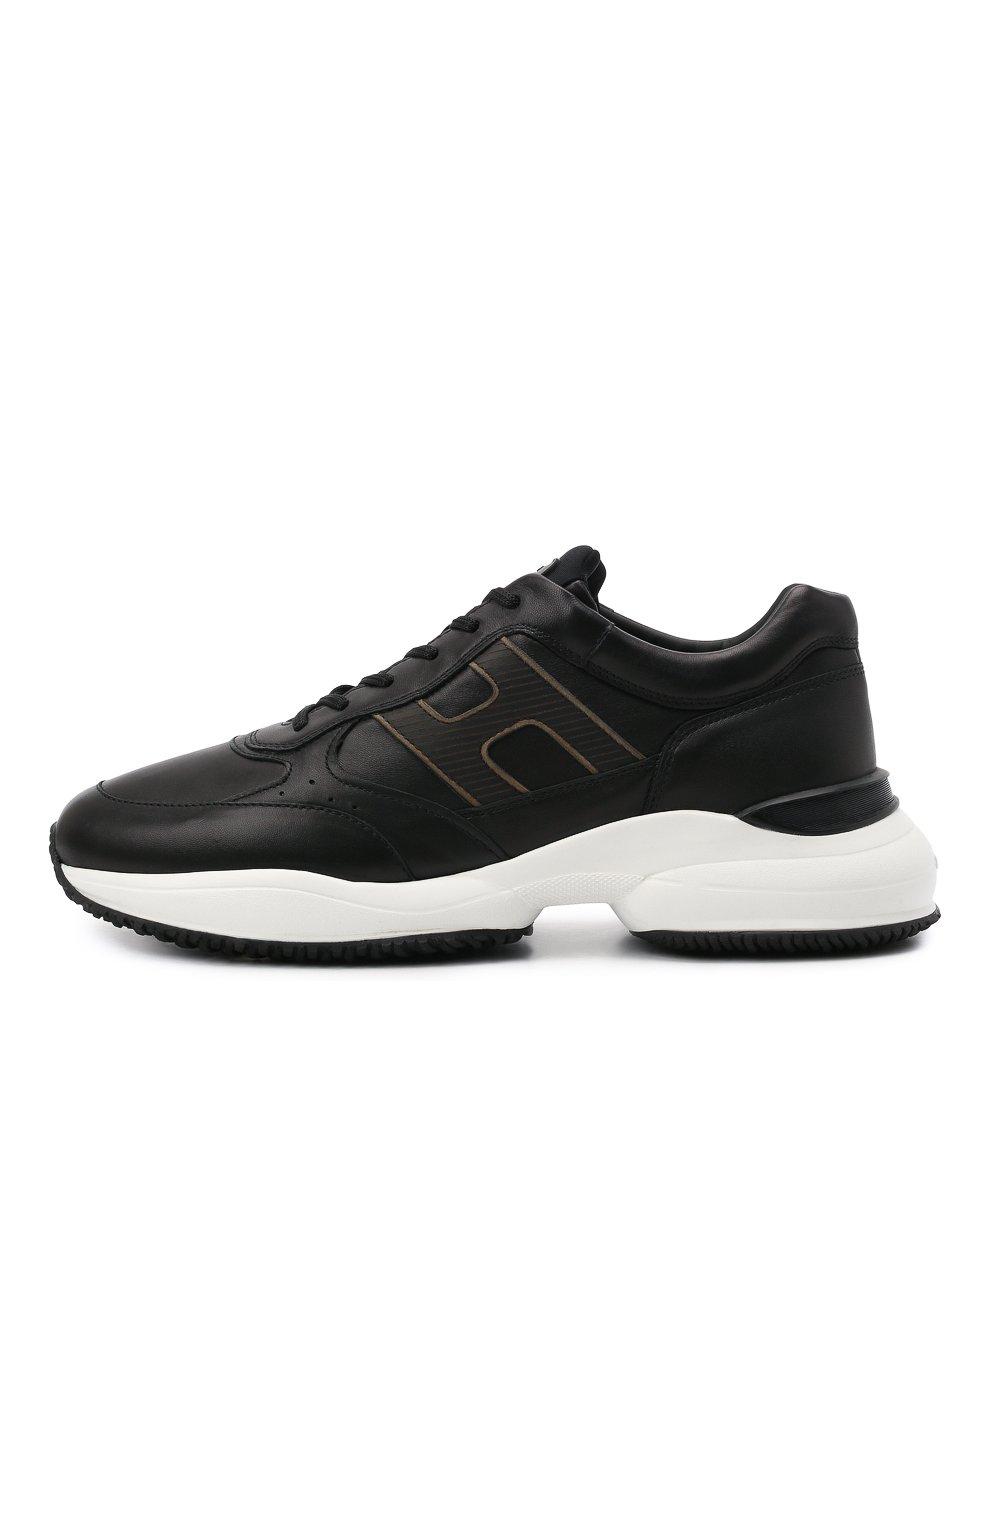 Мужские кожаные кроссовки HOGAN черного цвета, арт. HXM5450DP01QEQ | Фото 3 (Материал внутренний: Текстиль; Подошва: Массивная; Стили: Спорт)